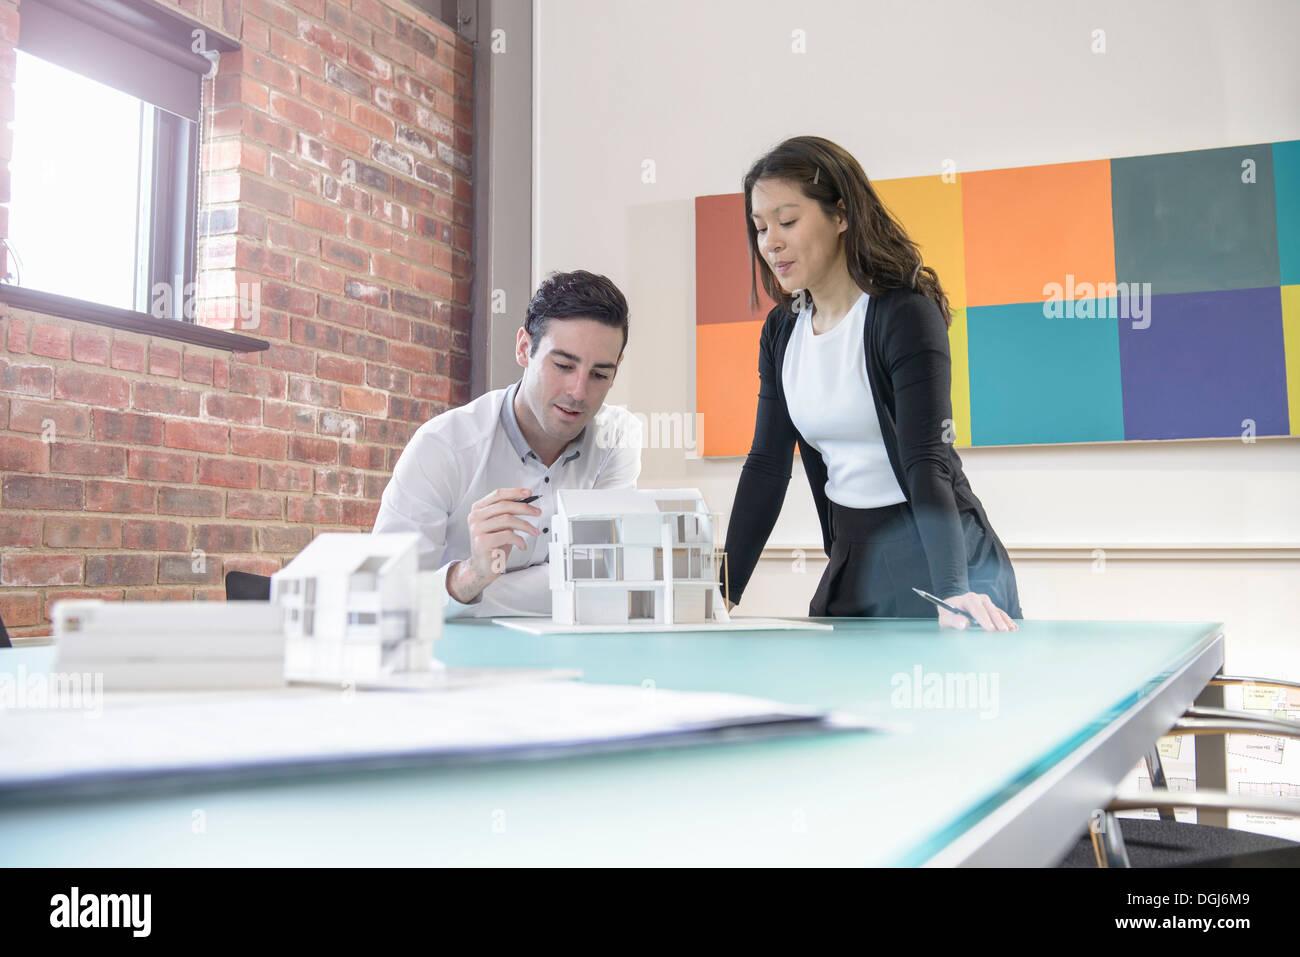 Les architectes qui travaillent ensemble sur le modèle de la construction d'in office Photo Stock